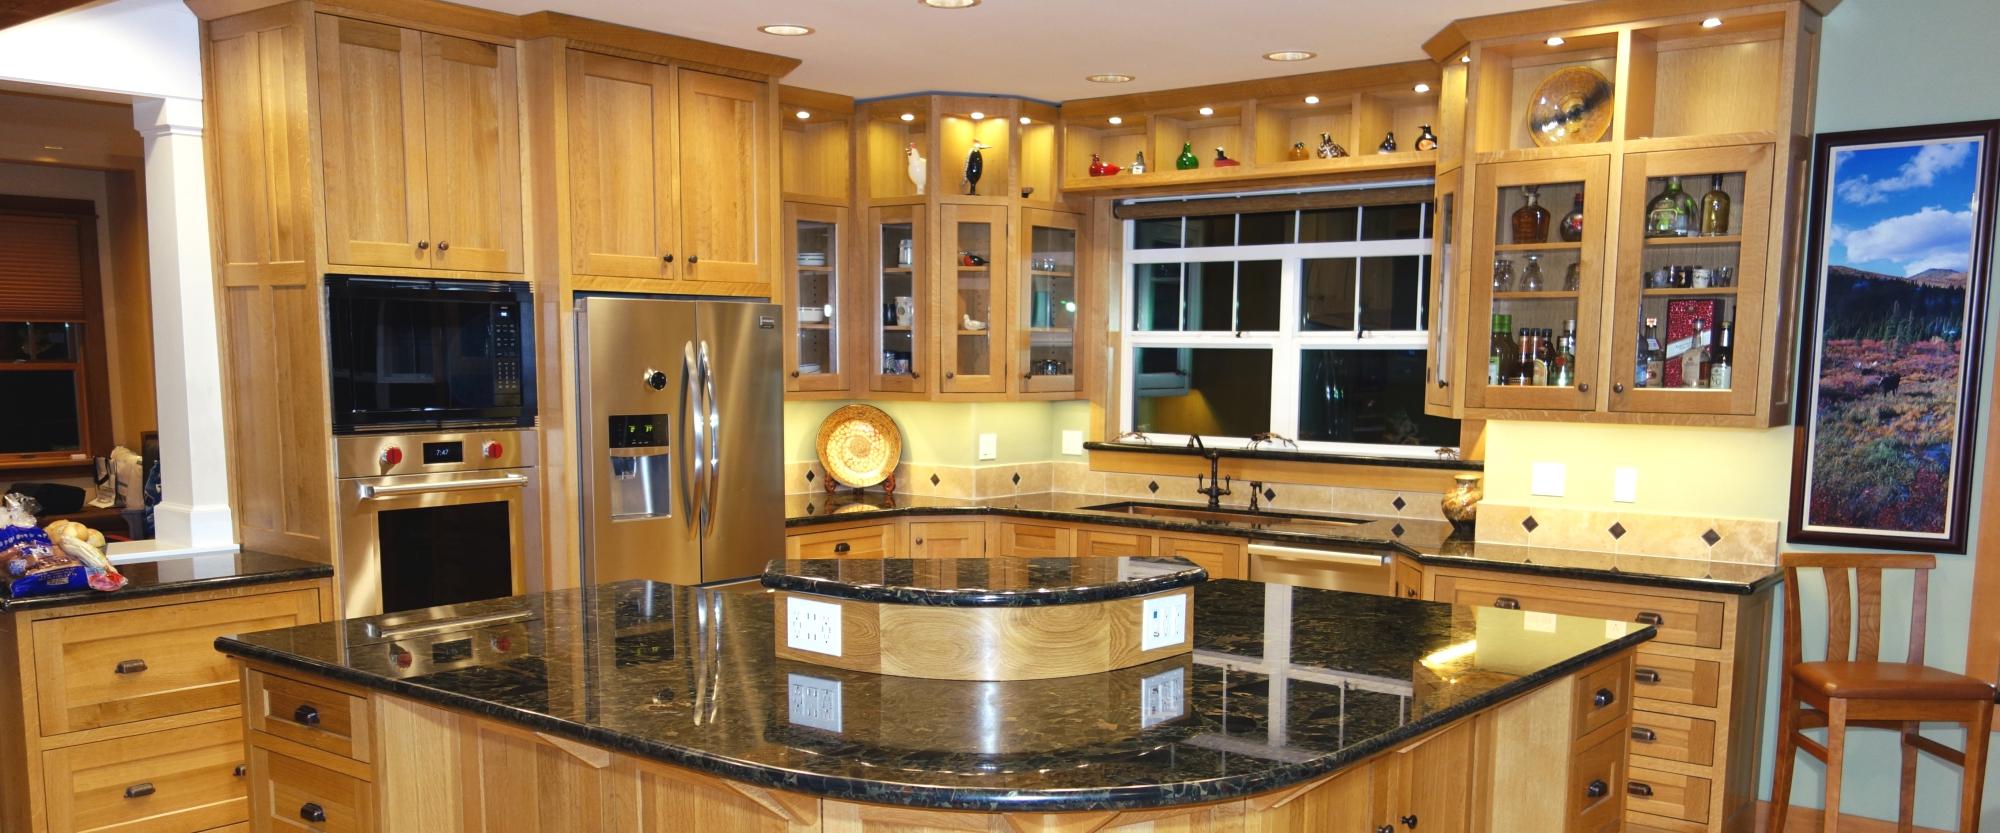 Quarter sawn white oak cabinets_slider - Fairfield Custom ...